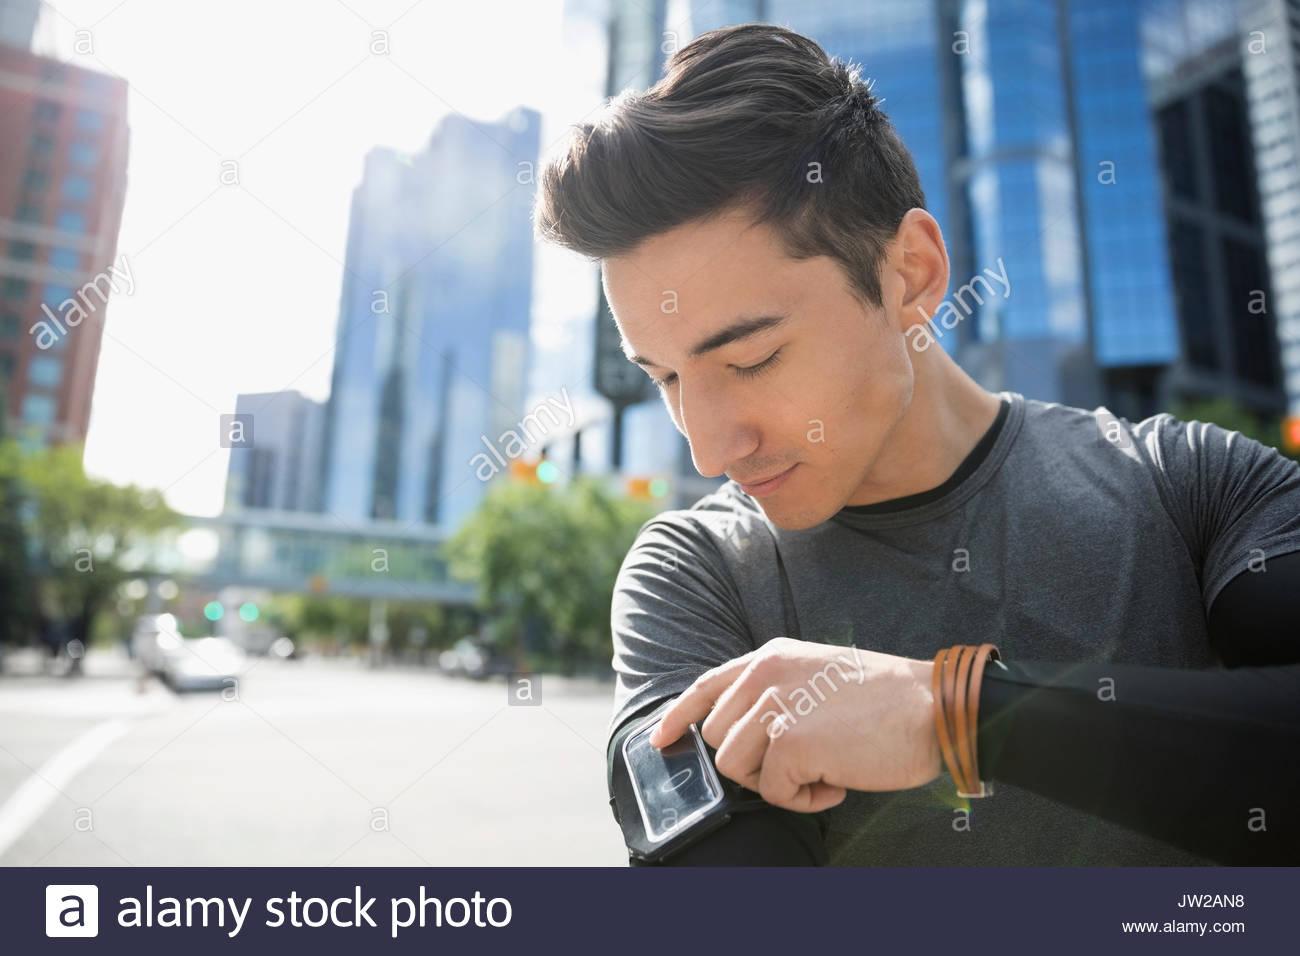 Giovane maschio runner controllo mp3 player fascia braccio sulla soleggiata strada urbana Immagini Stock